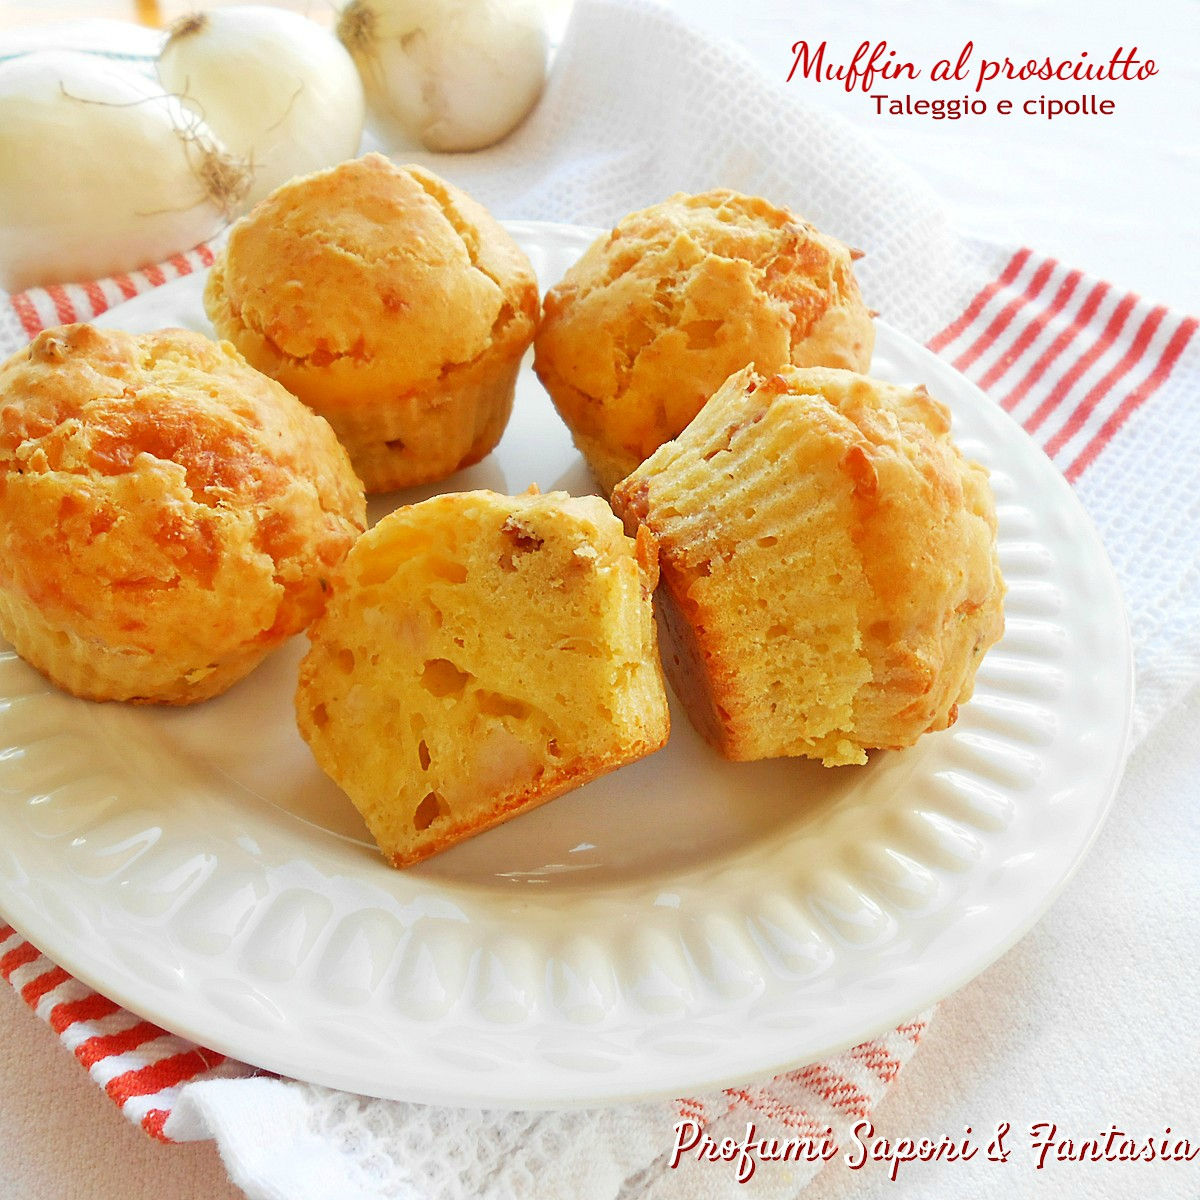 Muffin con prosciutto taleggio e cipolle